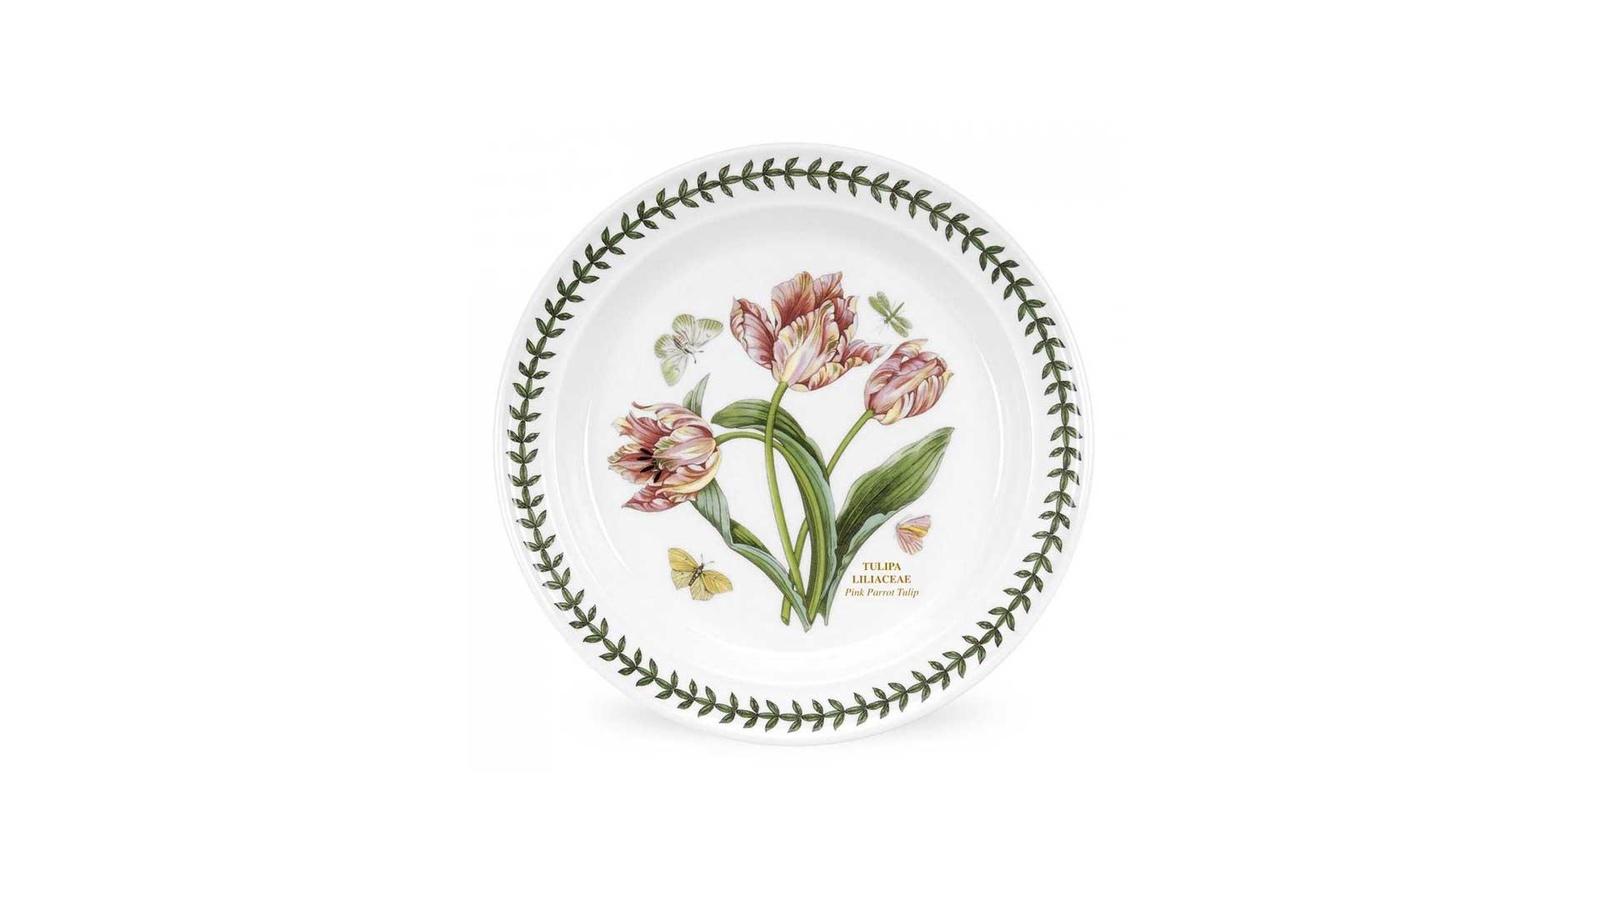 Тарелка Portmeirion PRT-BG05052-35, Фаянс закладки ботанический клуб